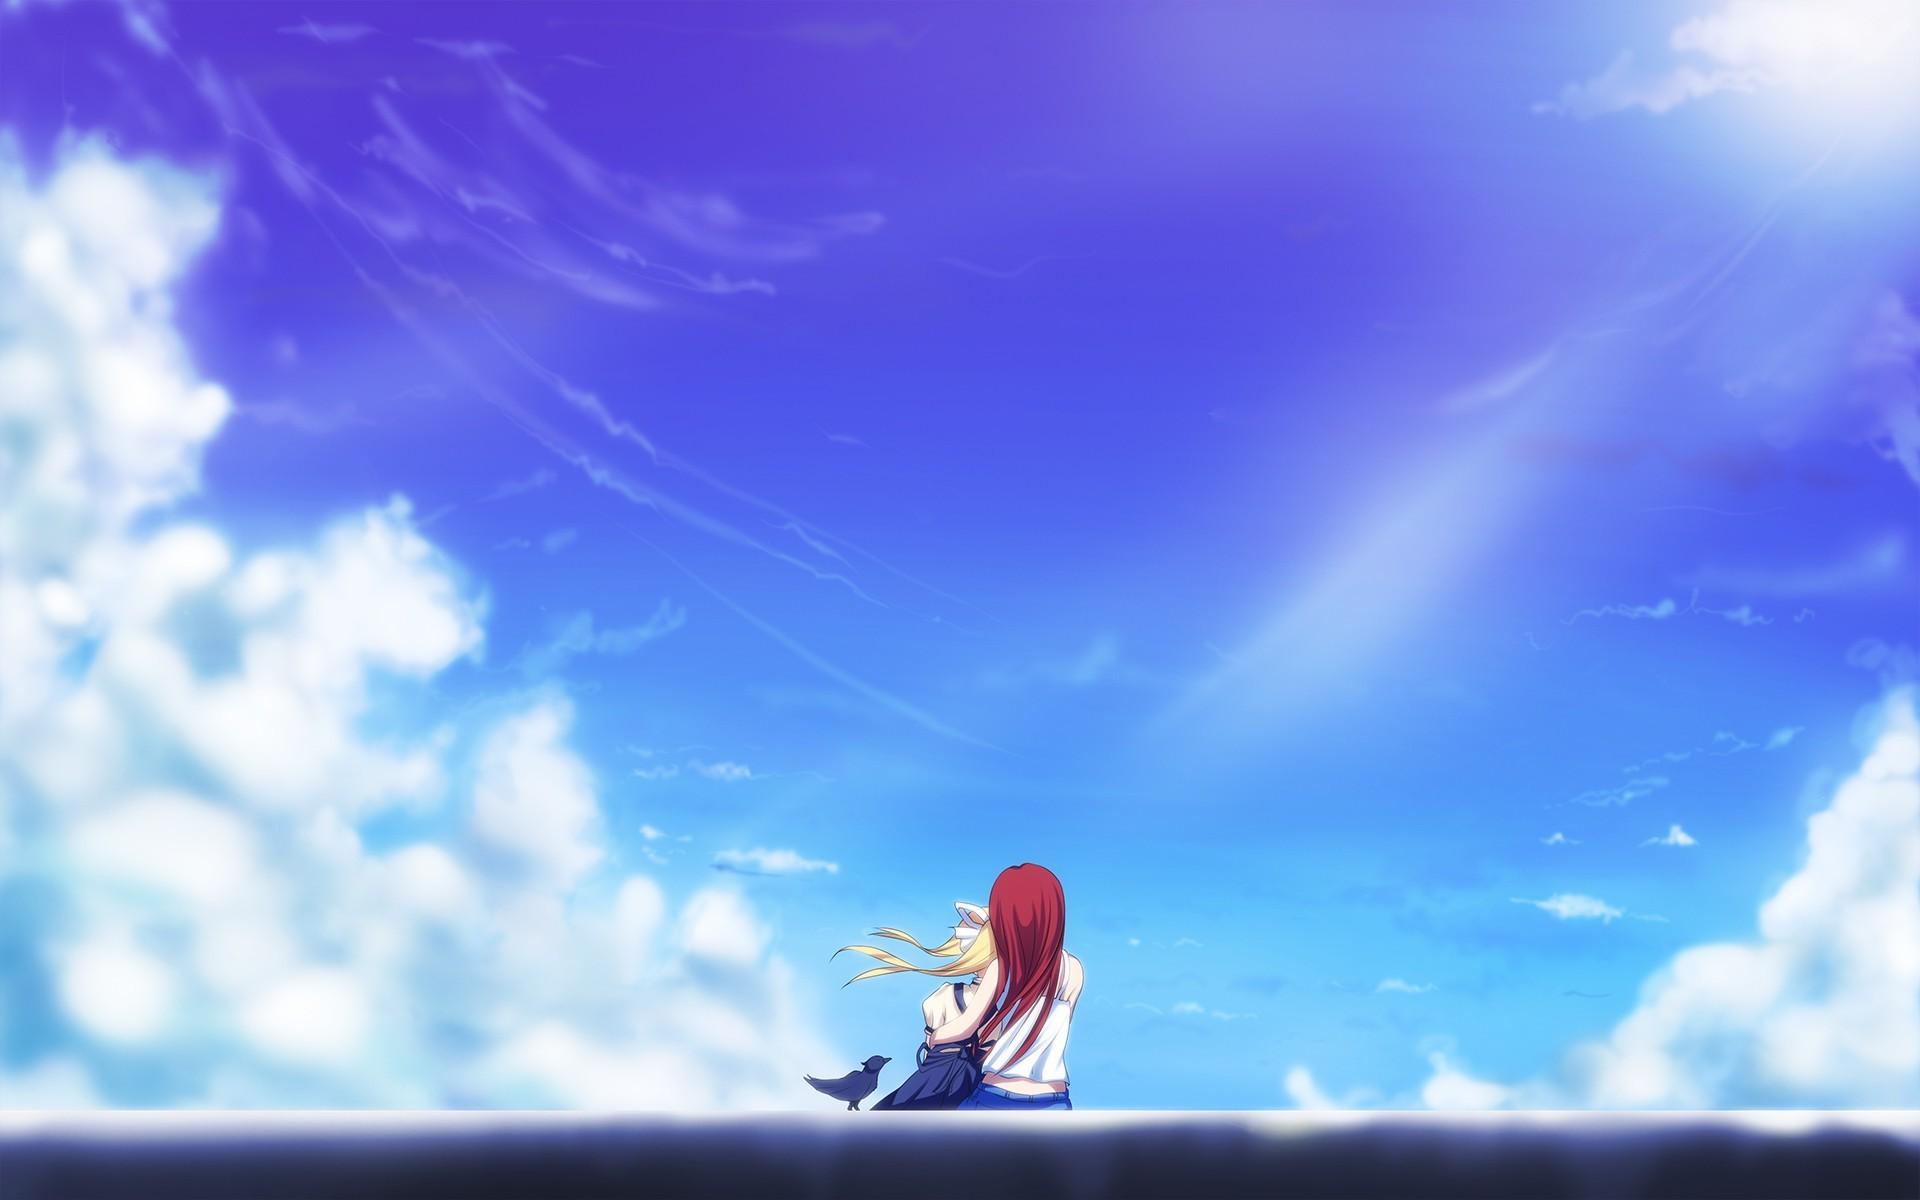 雲アニメデスクトップの背景 アニメ壁紙フルhd 19x10 Wallpapertip